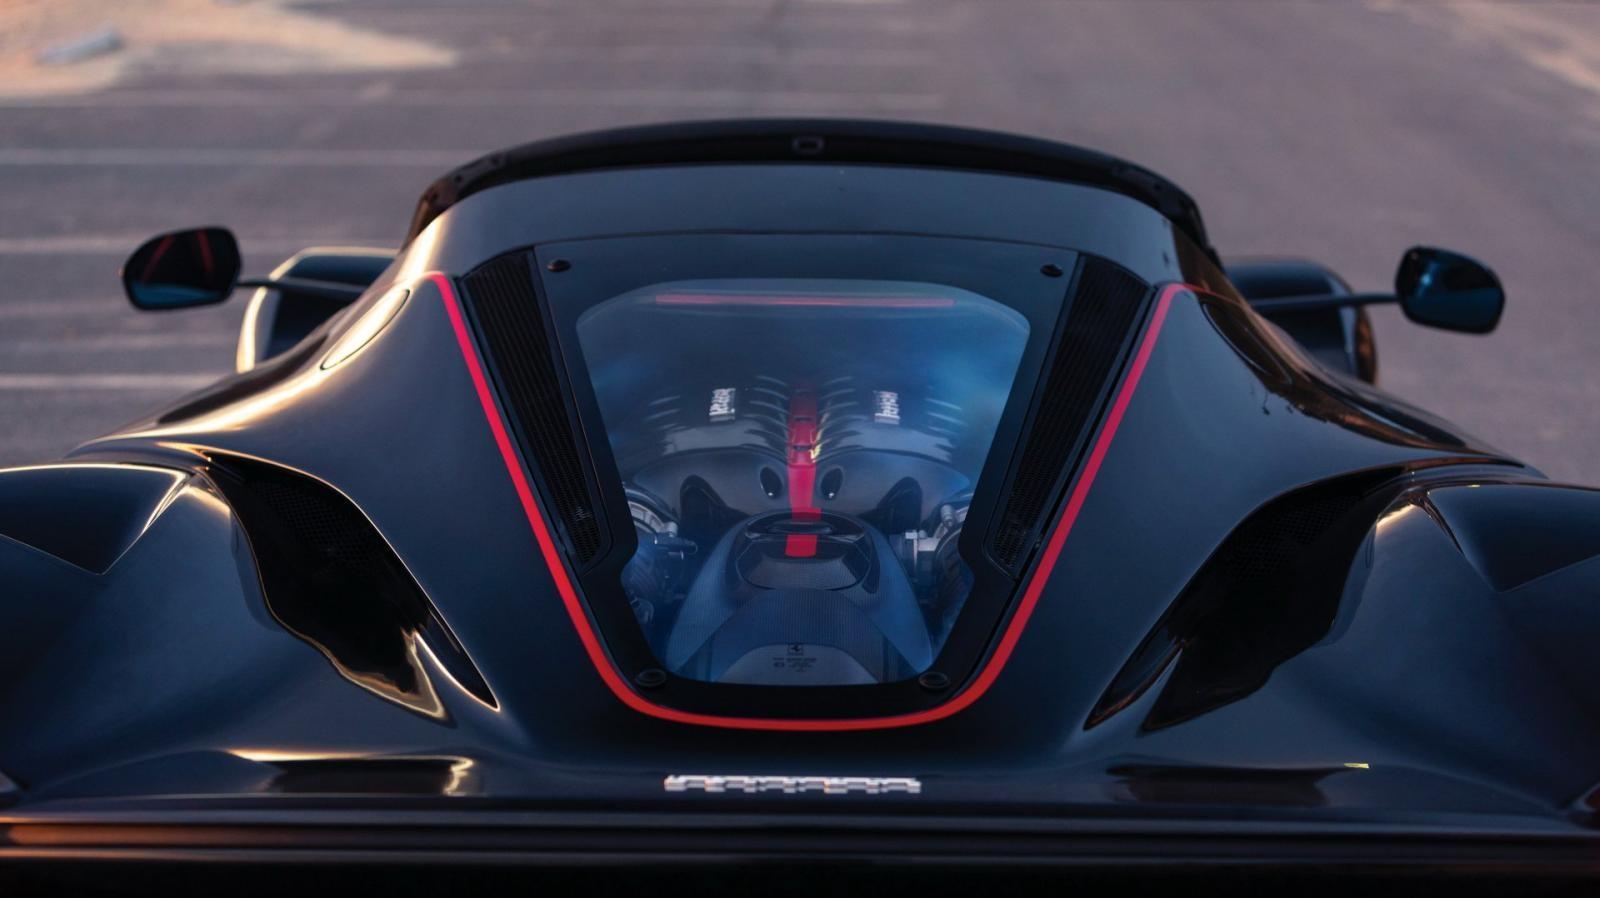 Siêu xe Ferrari LaFerrari Aperta dự kiến được bán với giá 8,5 triệu đô la vẫn là động cơ xăng V12, dung tích 6,3 lít,